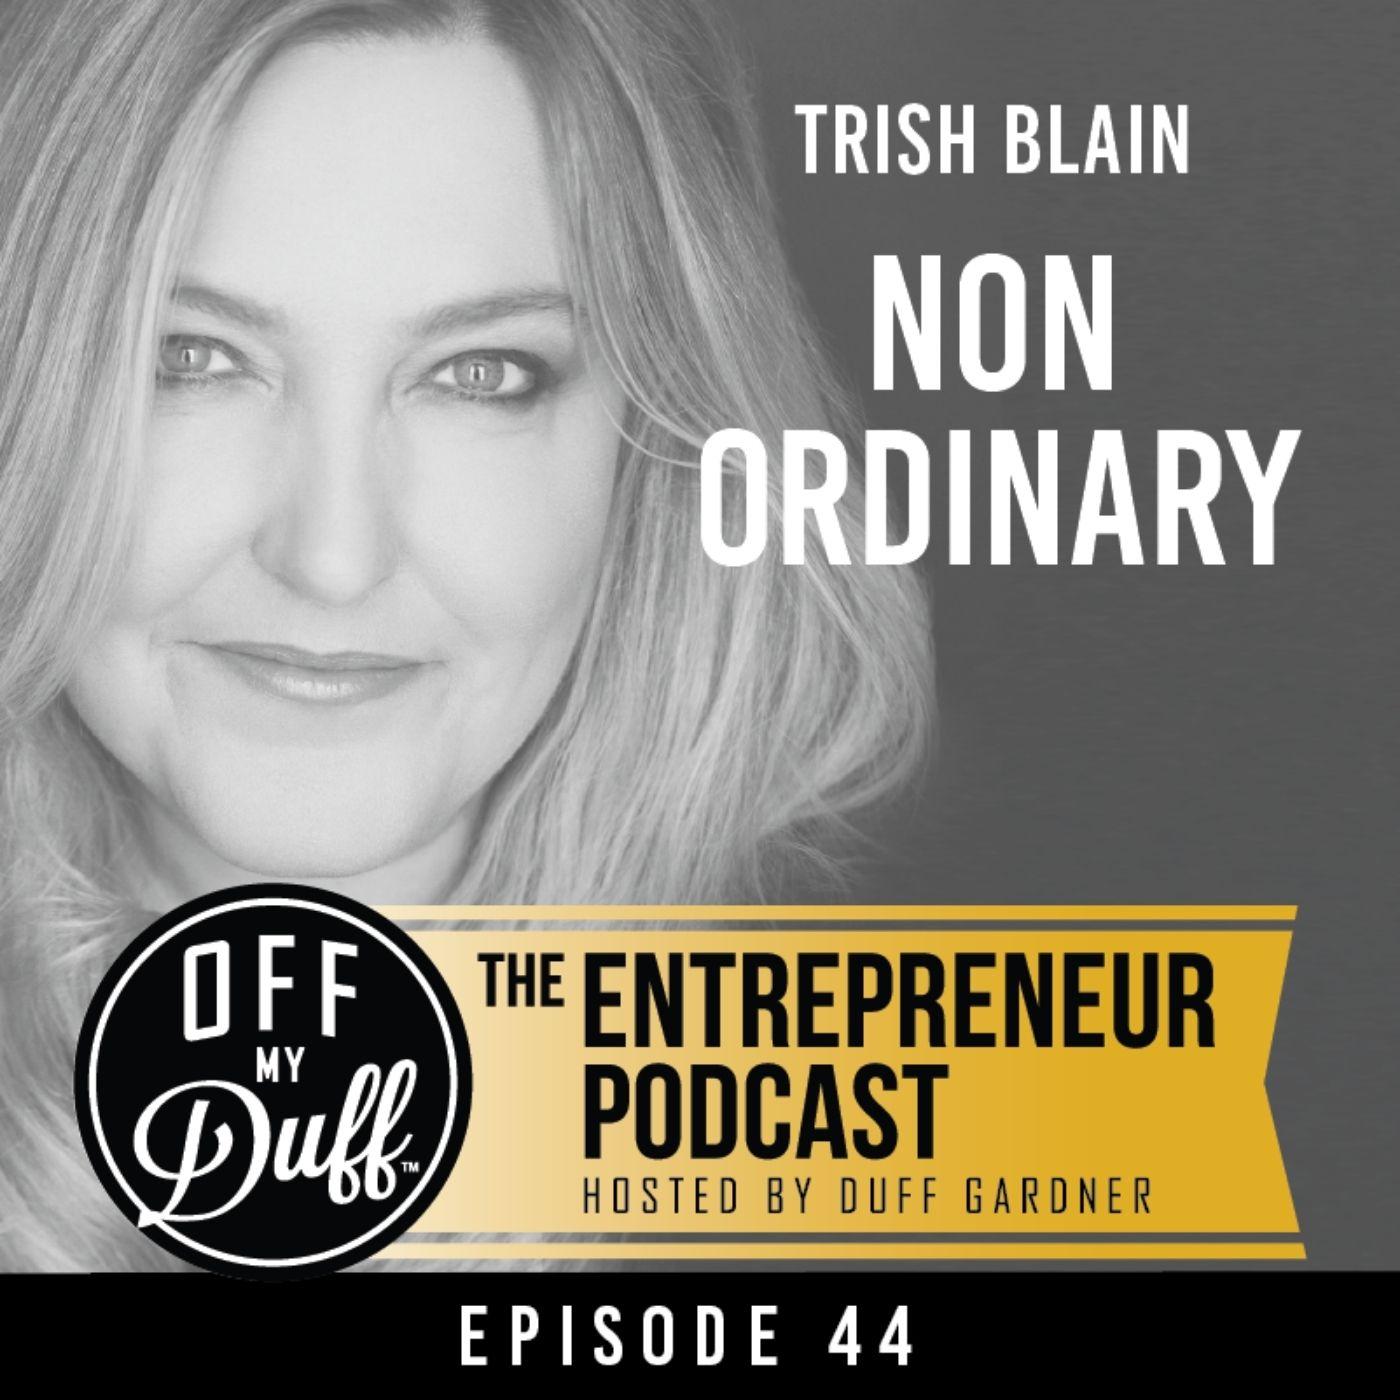 Trish Blain - Non Ordinary